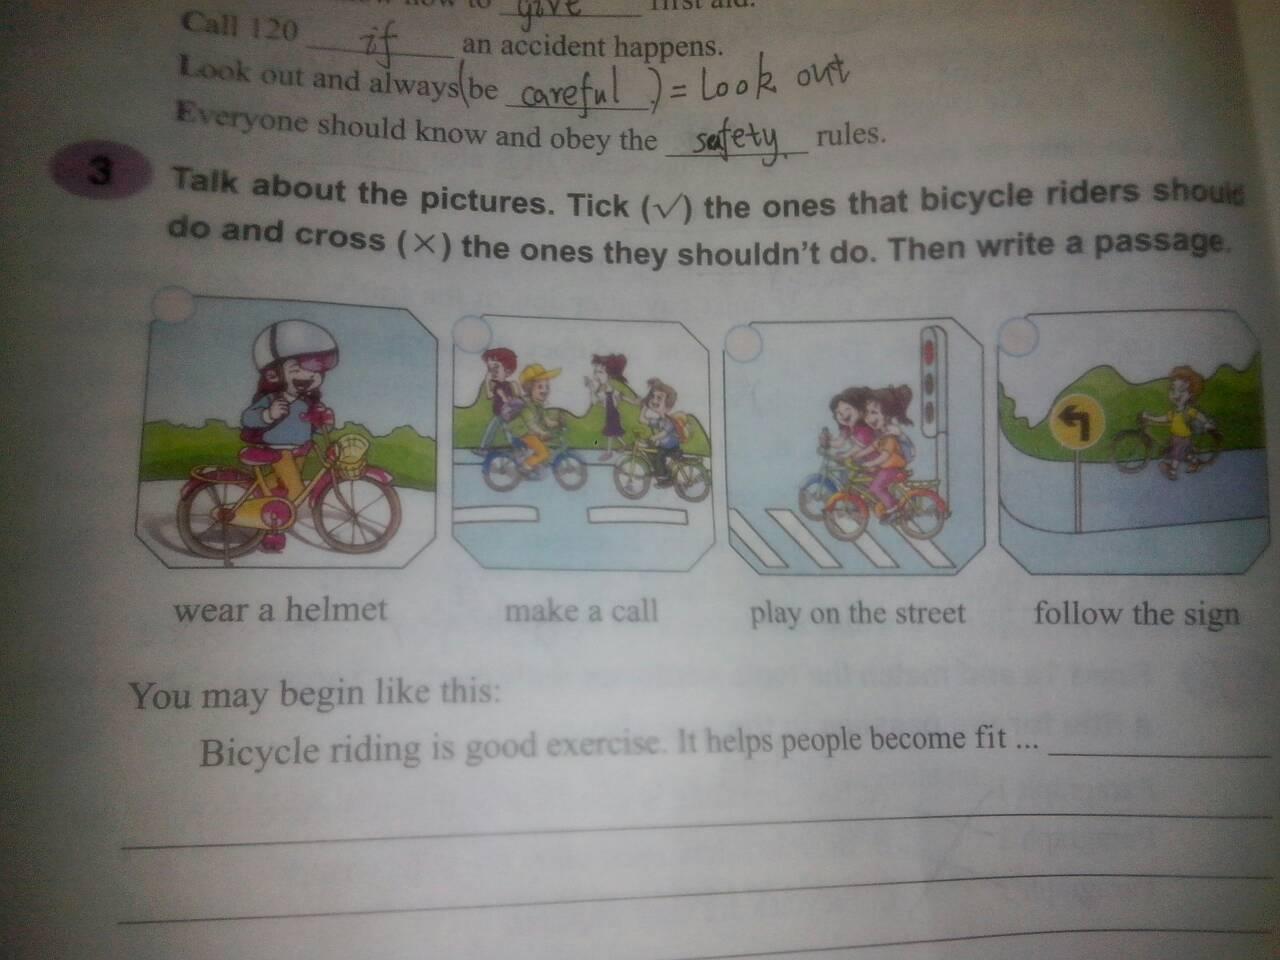 求英语作文,50词左右 在线给好评 关于要遵守交通规则不能打电话要图片